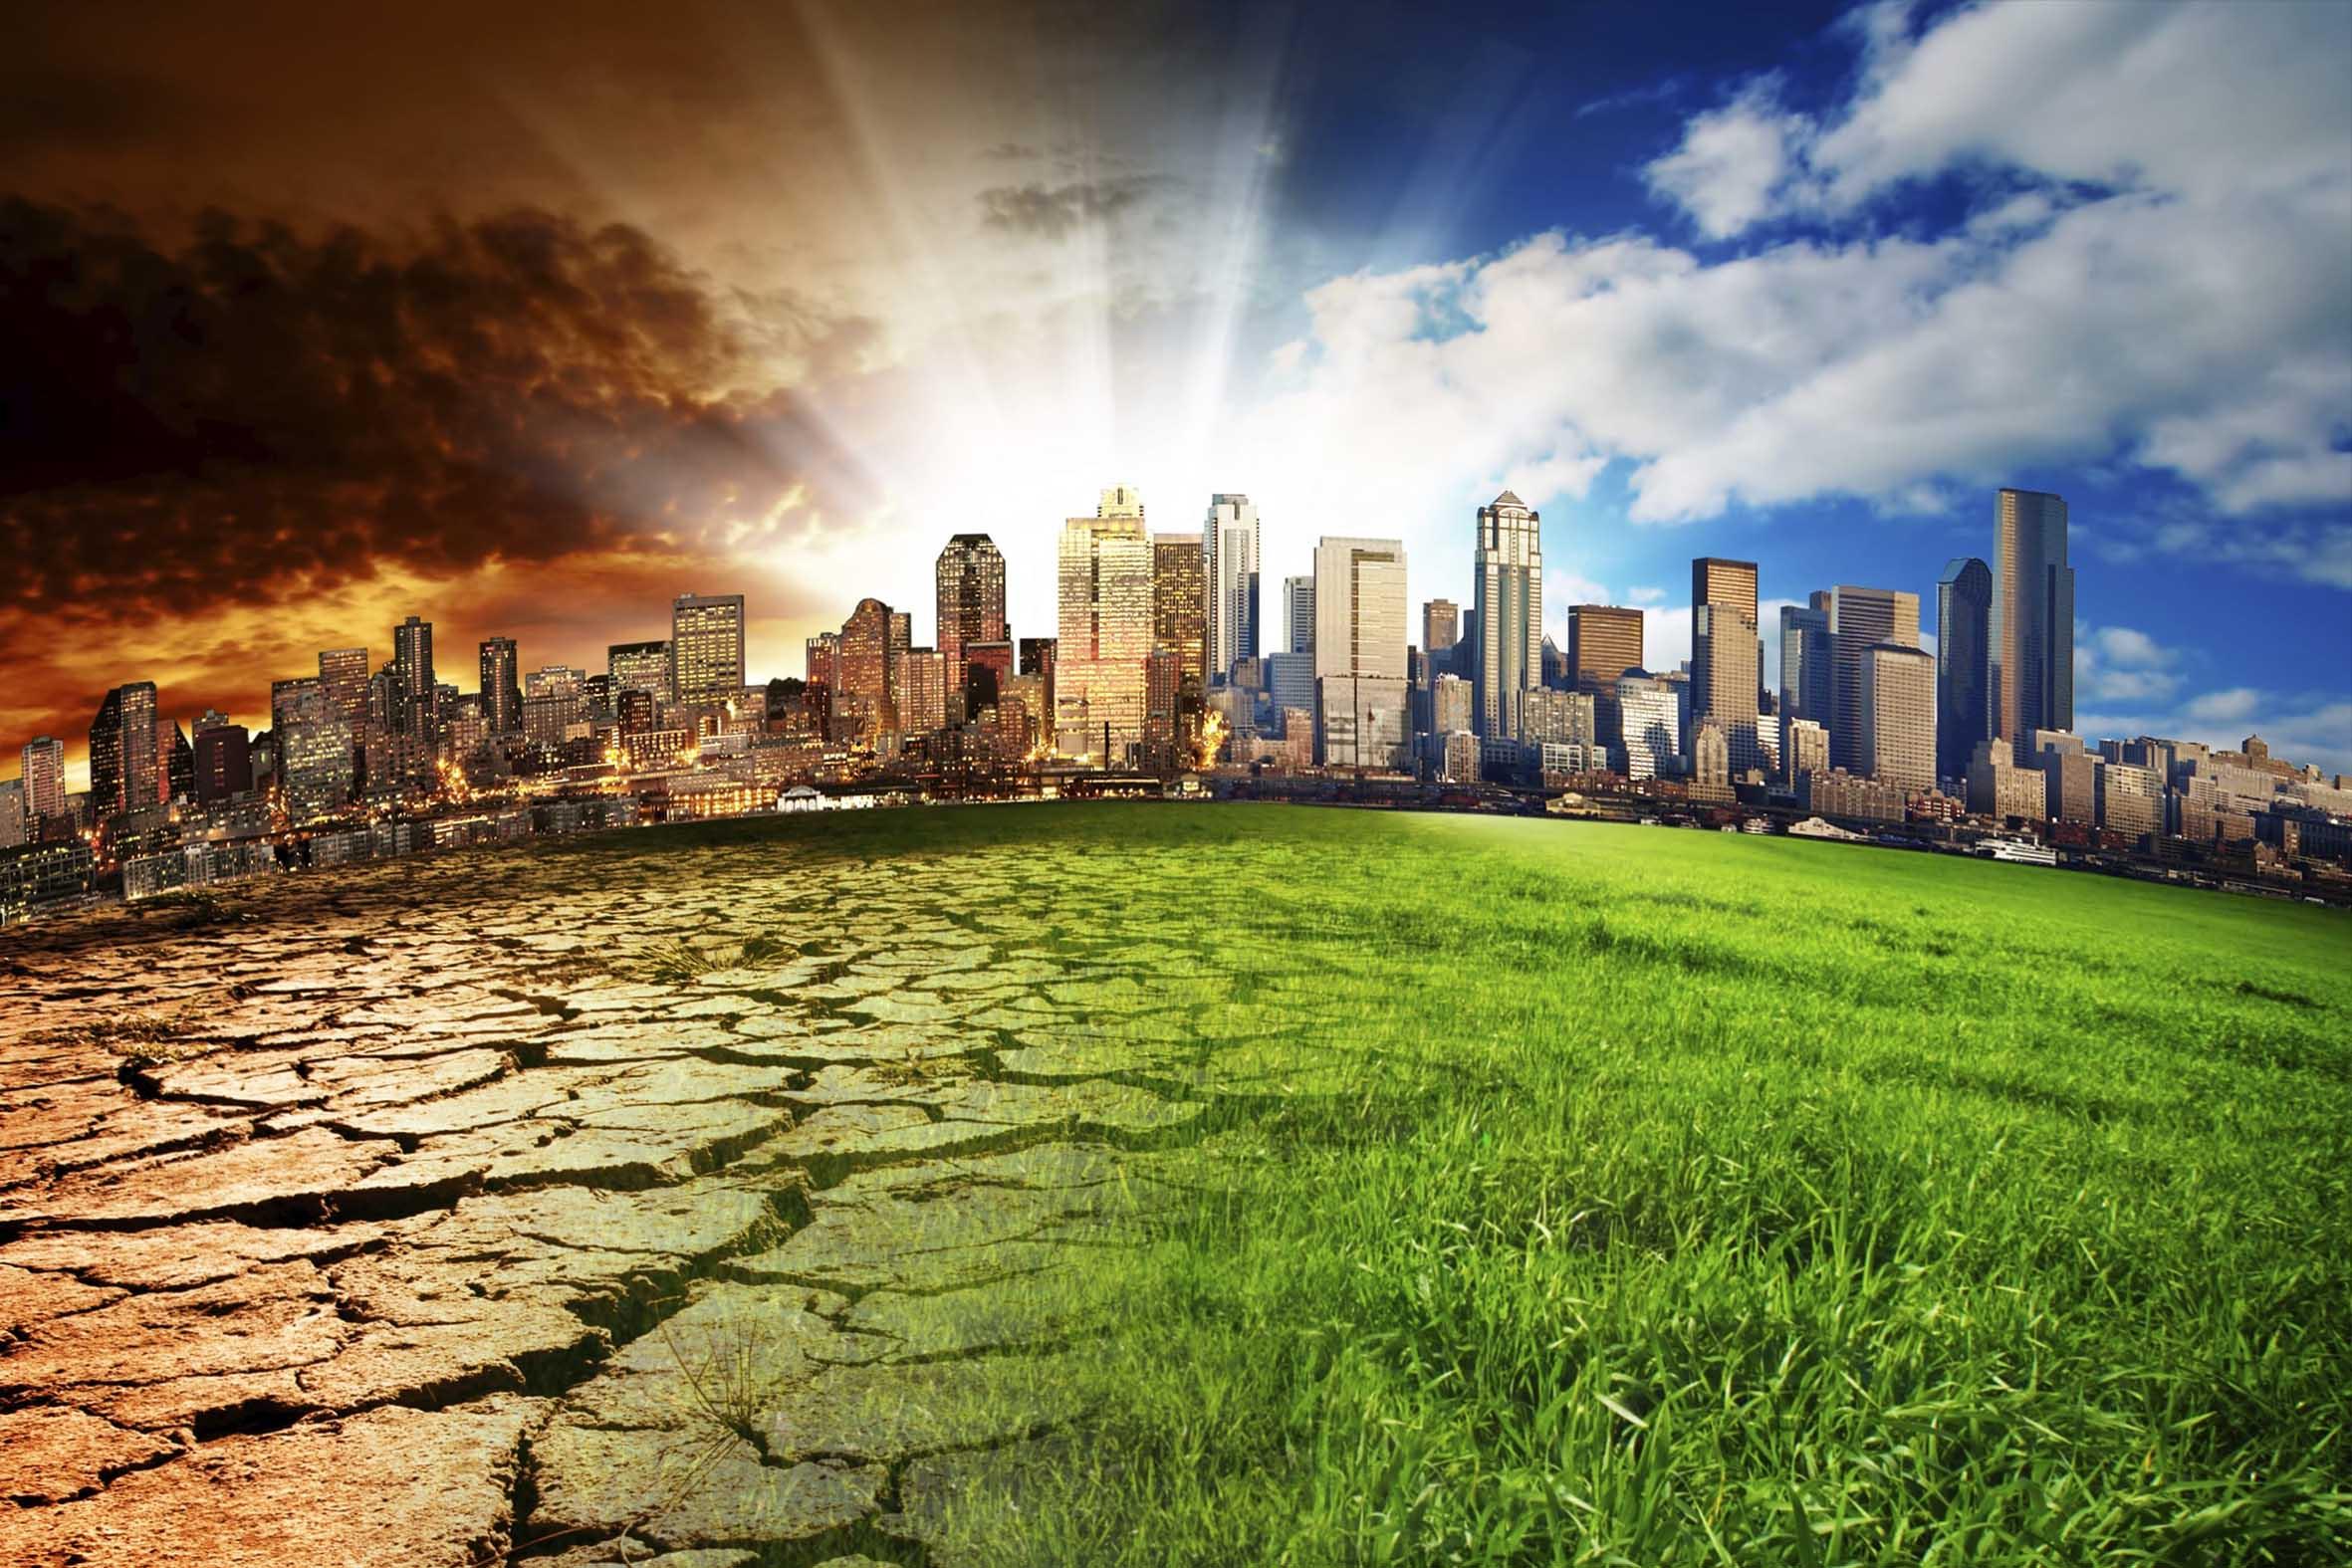 """La stampa negazionista verso i cambiamenti climatici: lo scandalo delle testate """"Libero"""" e """"Il Tempo"""""""